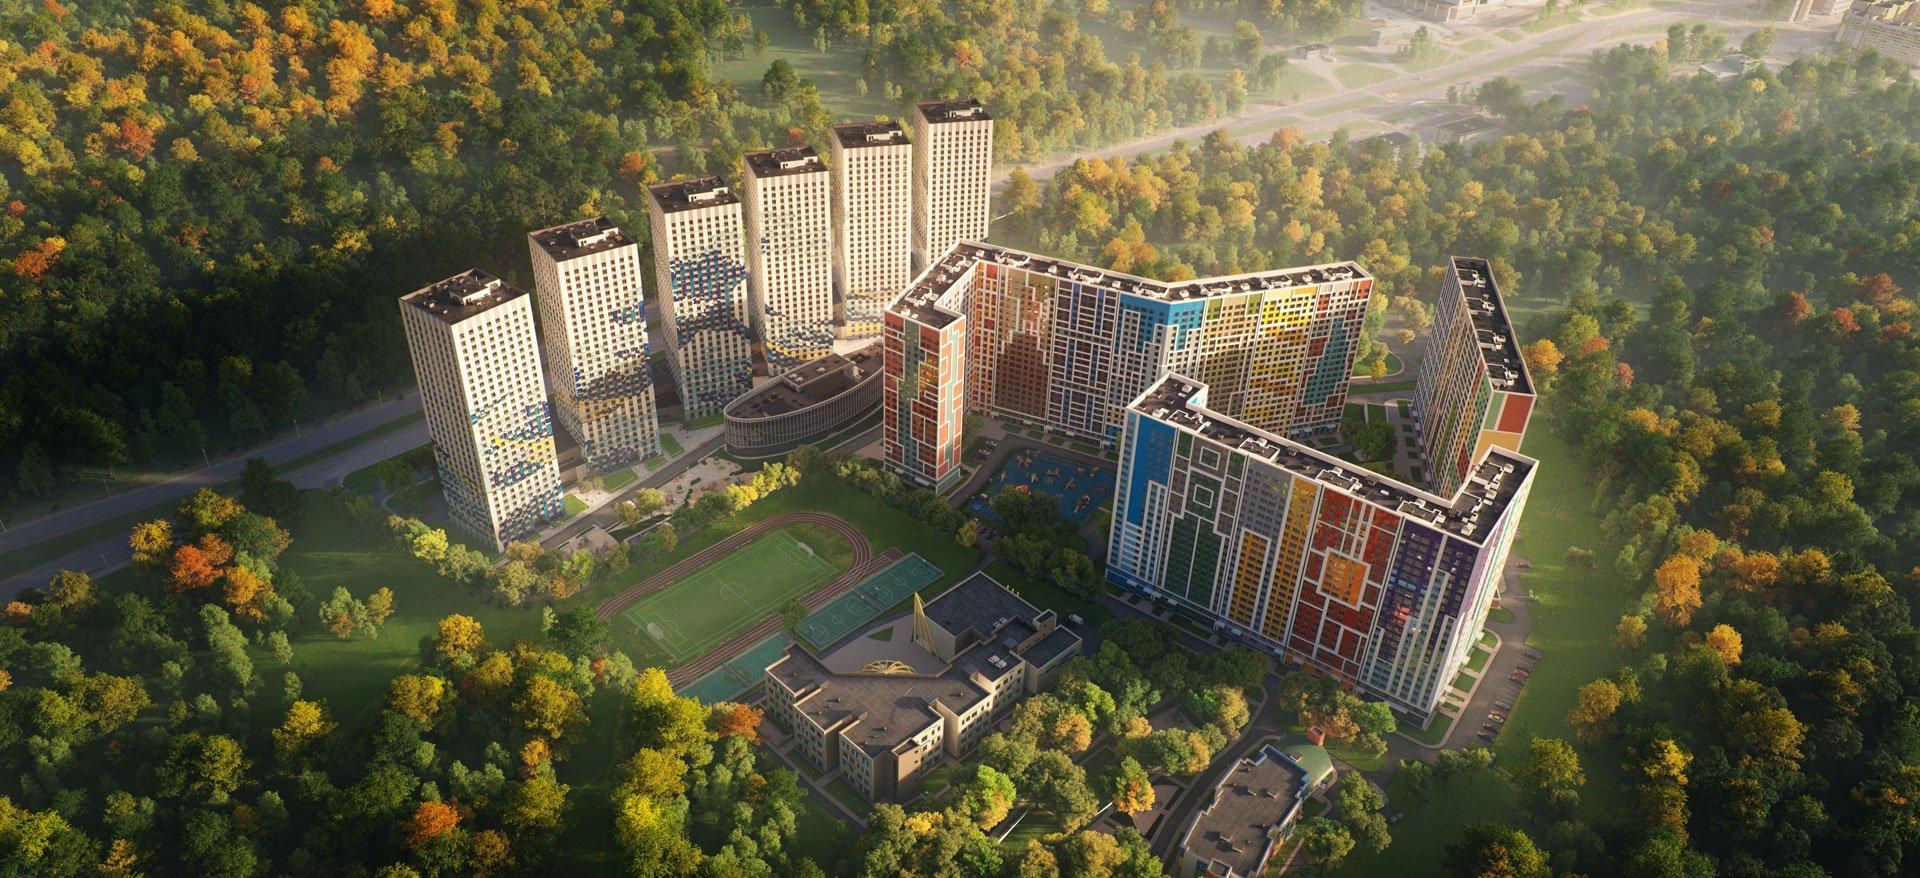 Высотный жилой комплекс Эталон-Сити - Башни Токио